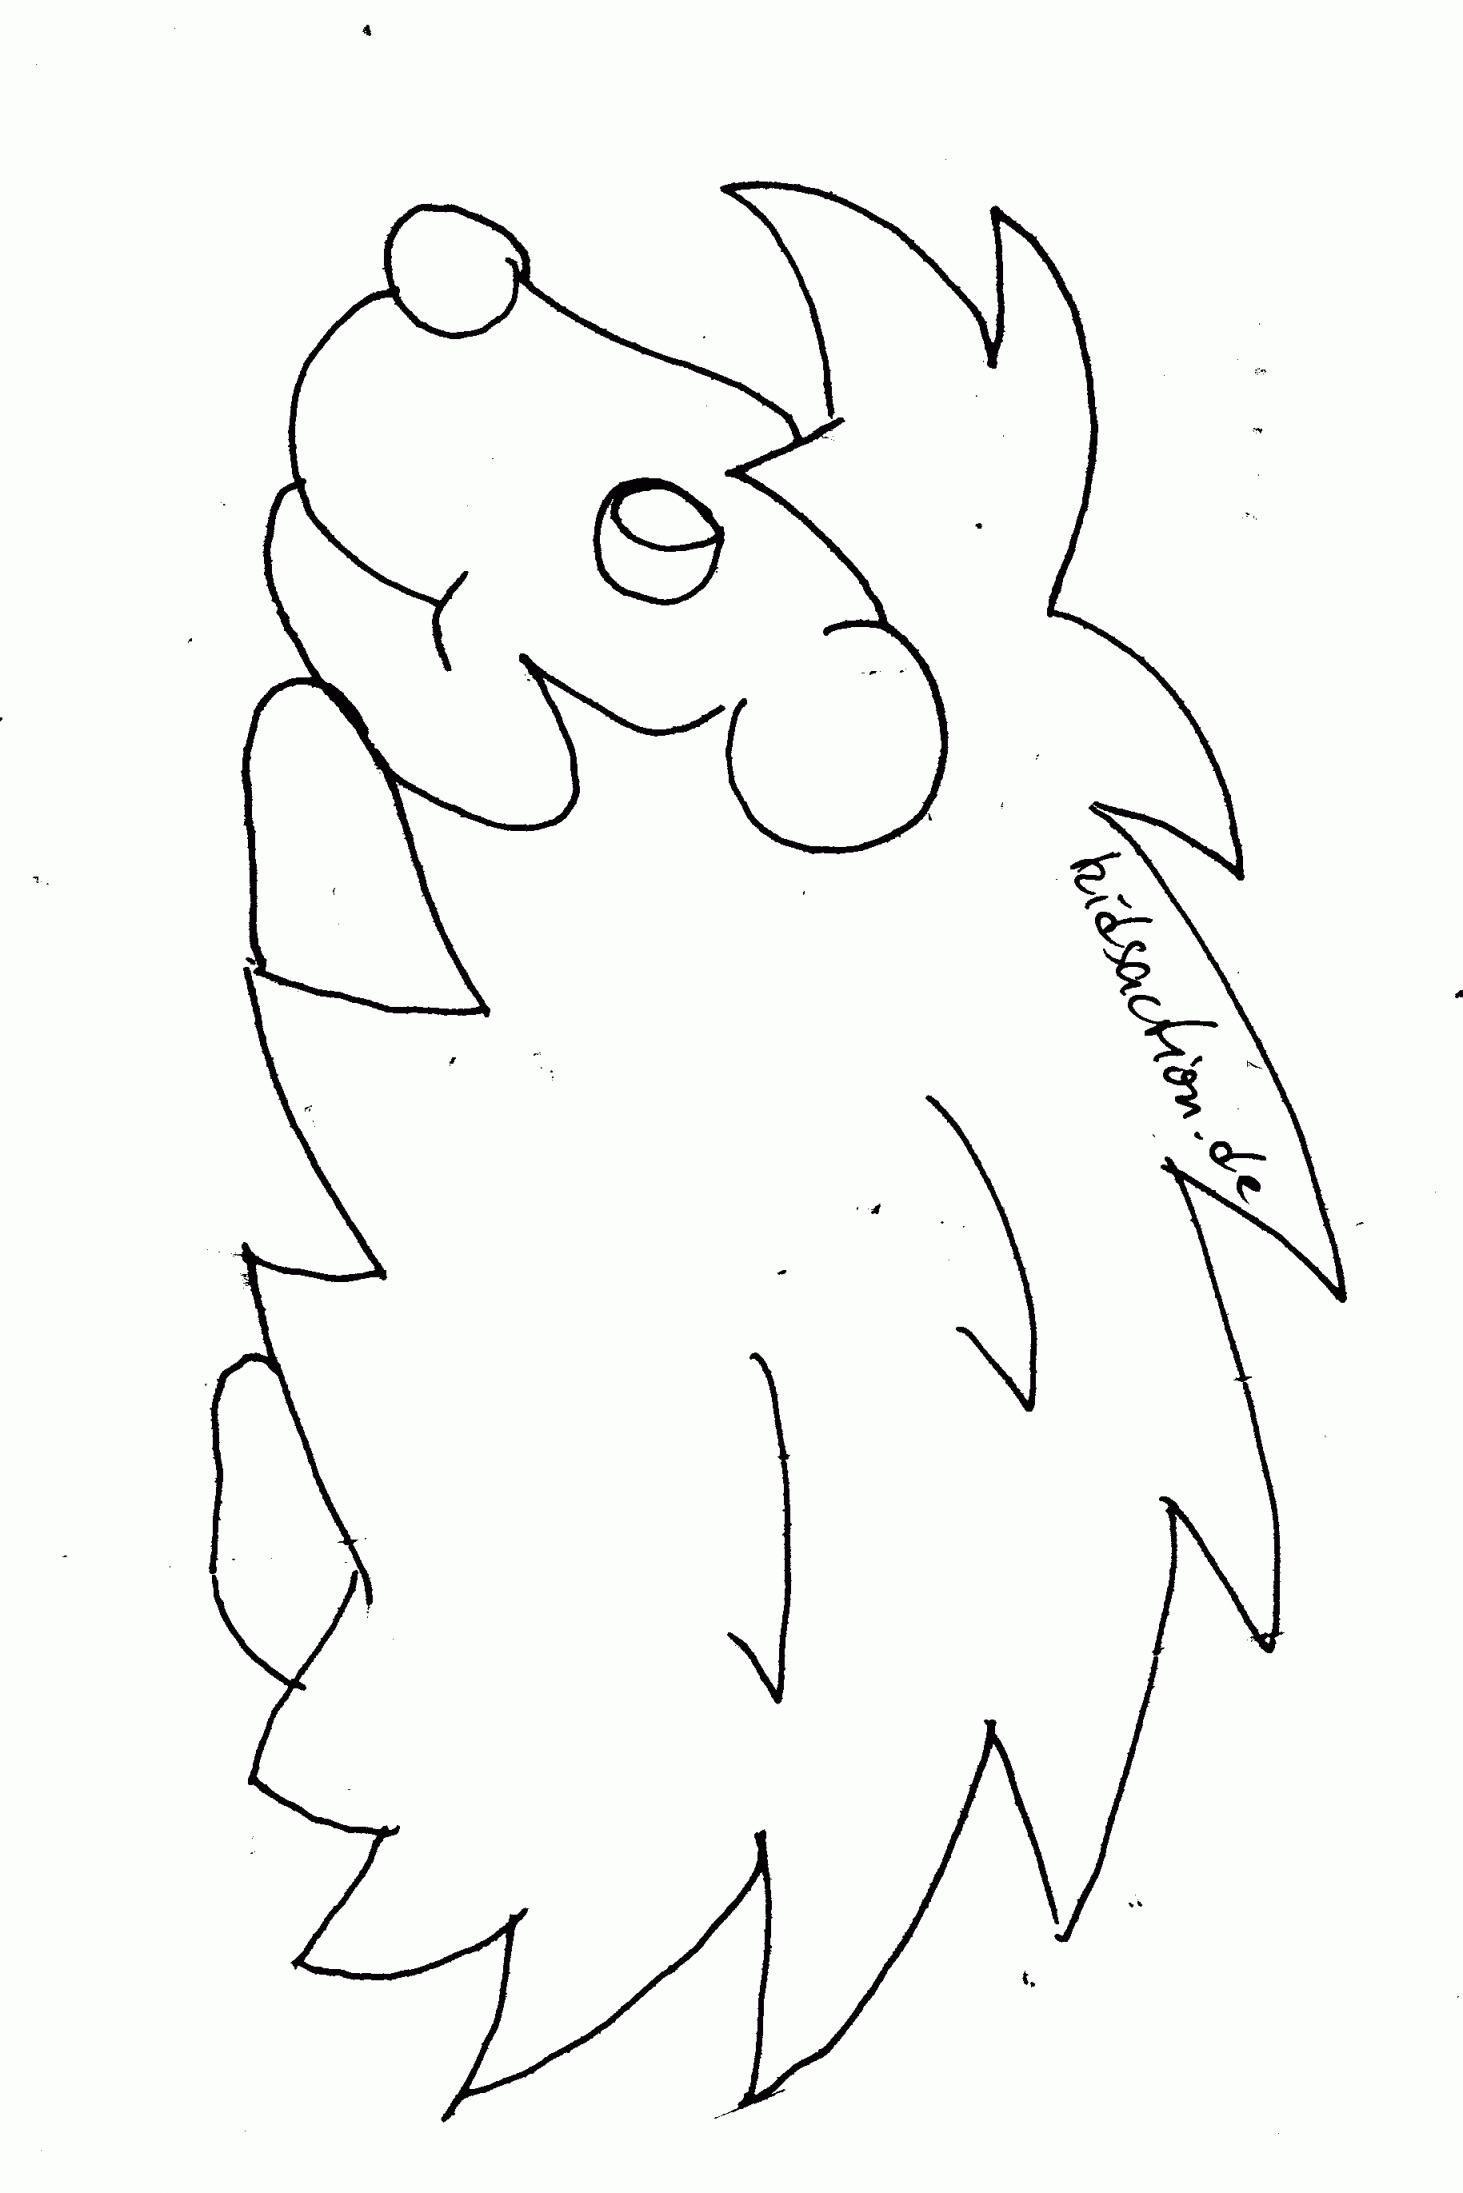 Tom Und Jerry Ausmalbilder Genial 35 Ausmalbilder Einhörner Mit Flügeln Scoredatscore Elegant Sammlung